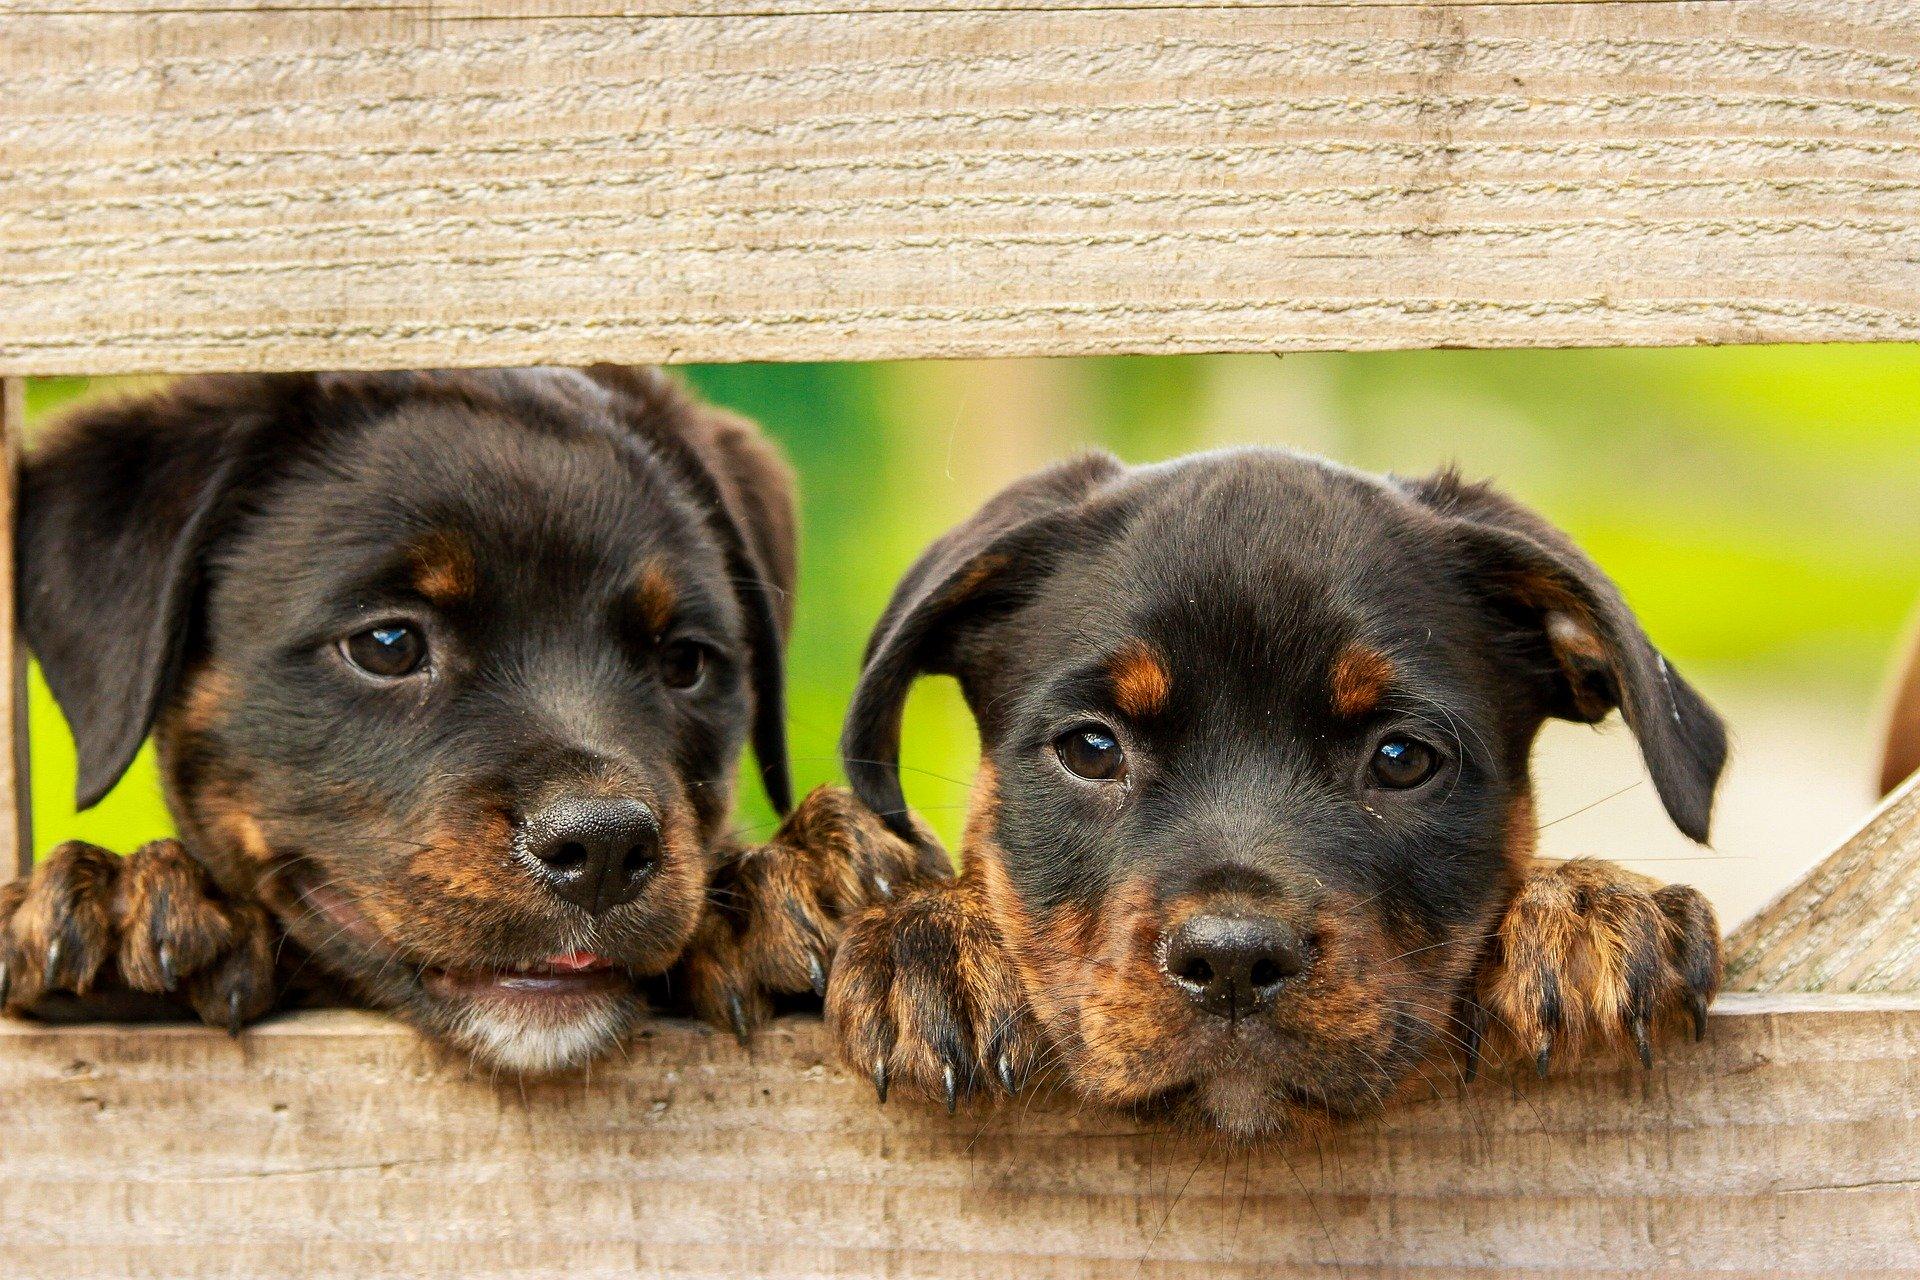 Hundezucht sollte wegen Corona-Krise vorerst pausieren